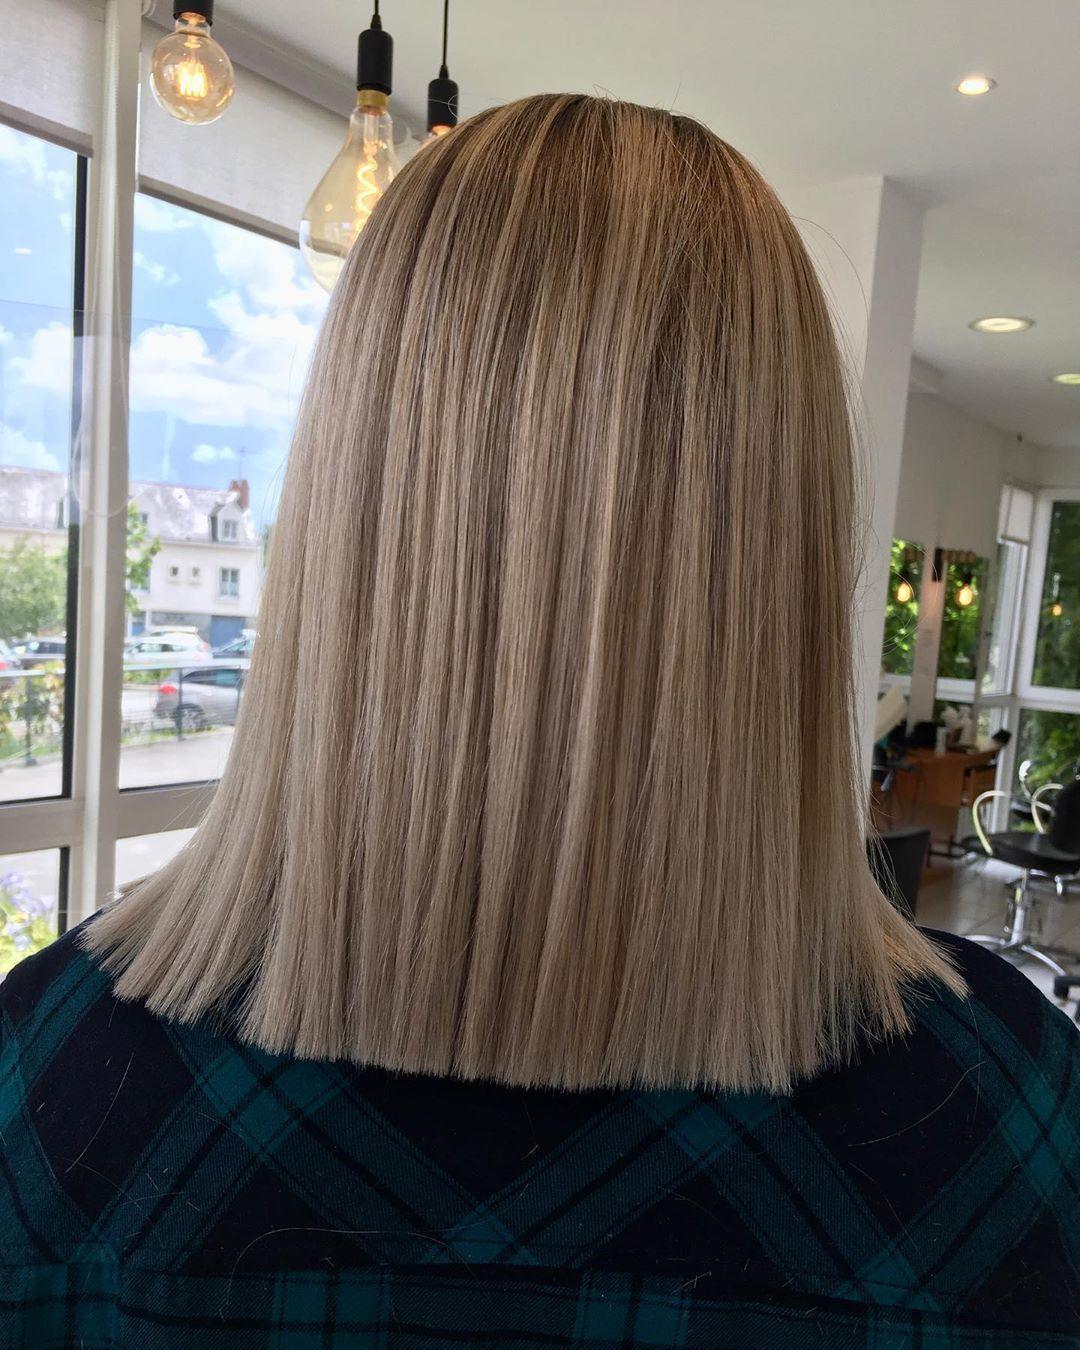 Salon Artiste Coiffure On Instagram Joli Resultat Pour Anne Lise Merci Pour Ta Confiance Blond Blondhai Idees De Coiffures Coiffure Coiffures Feminines